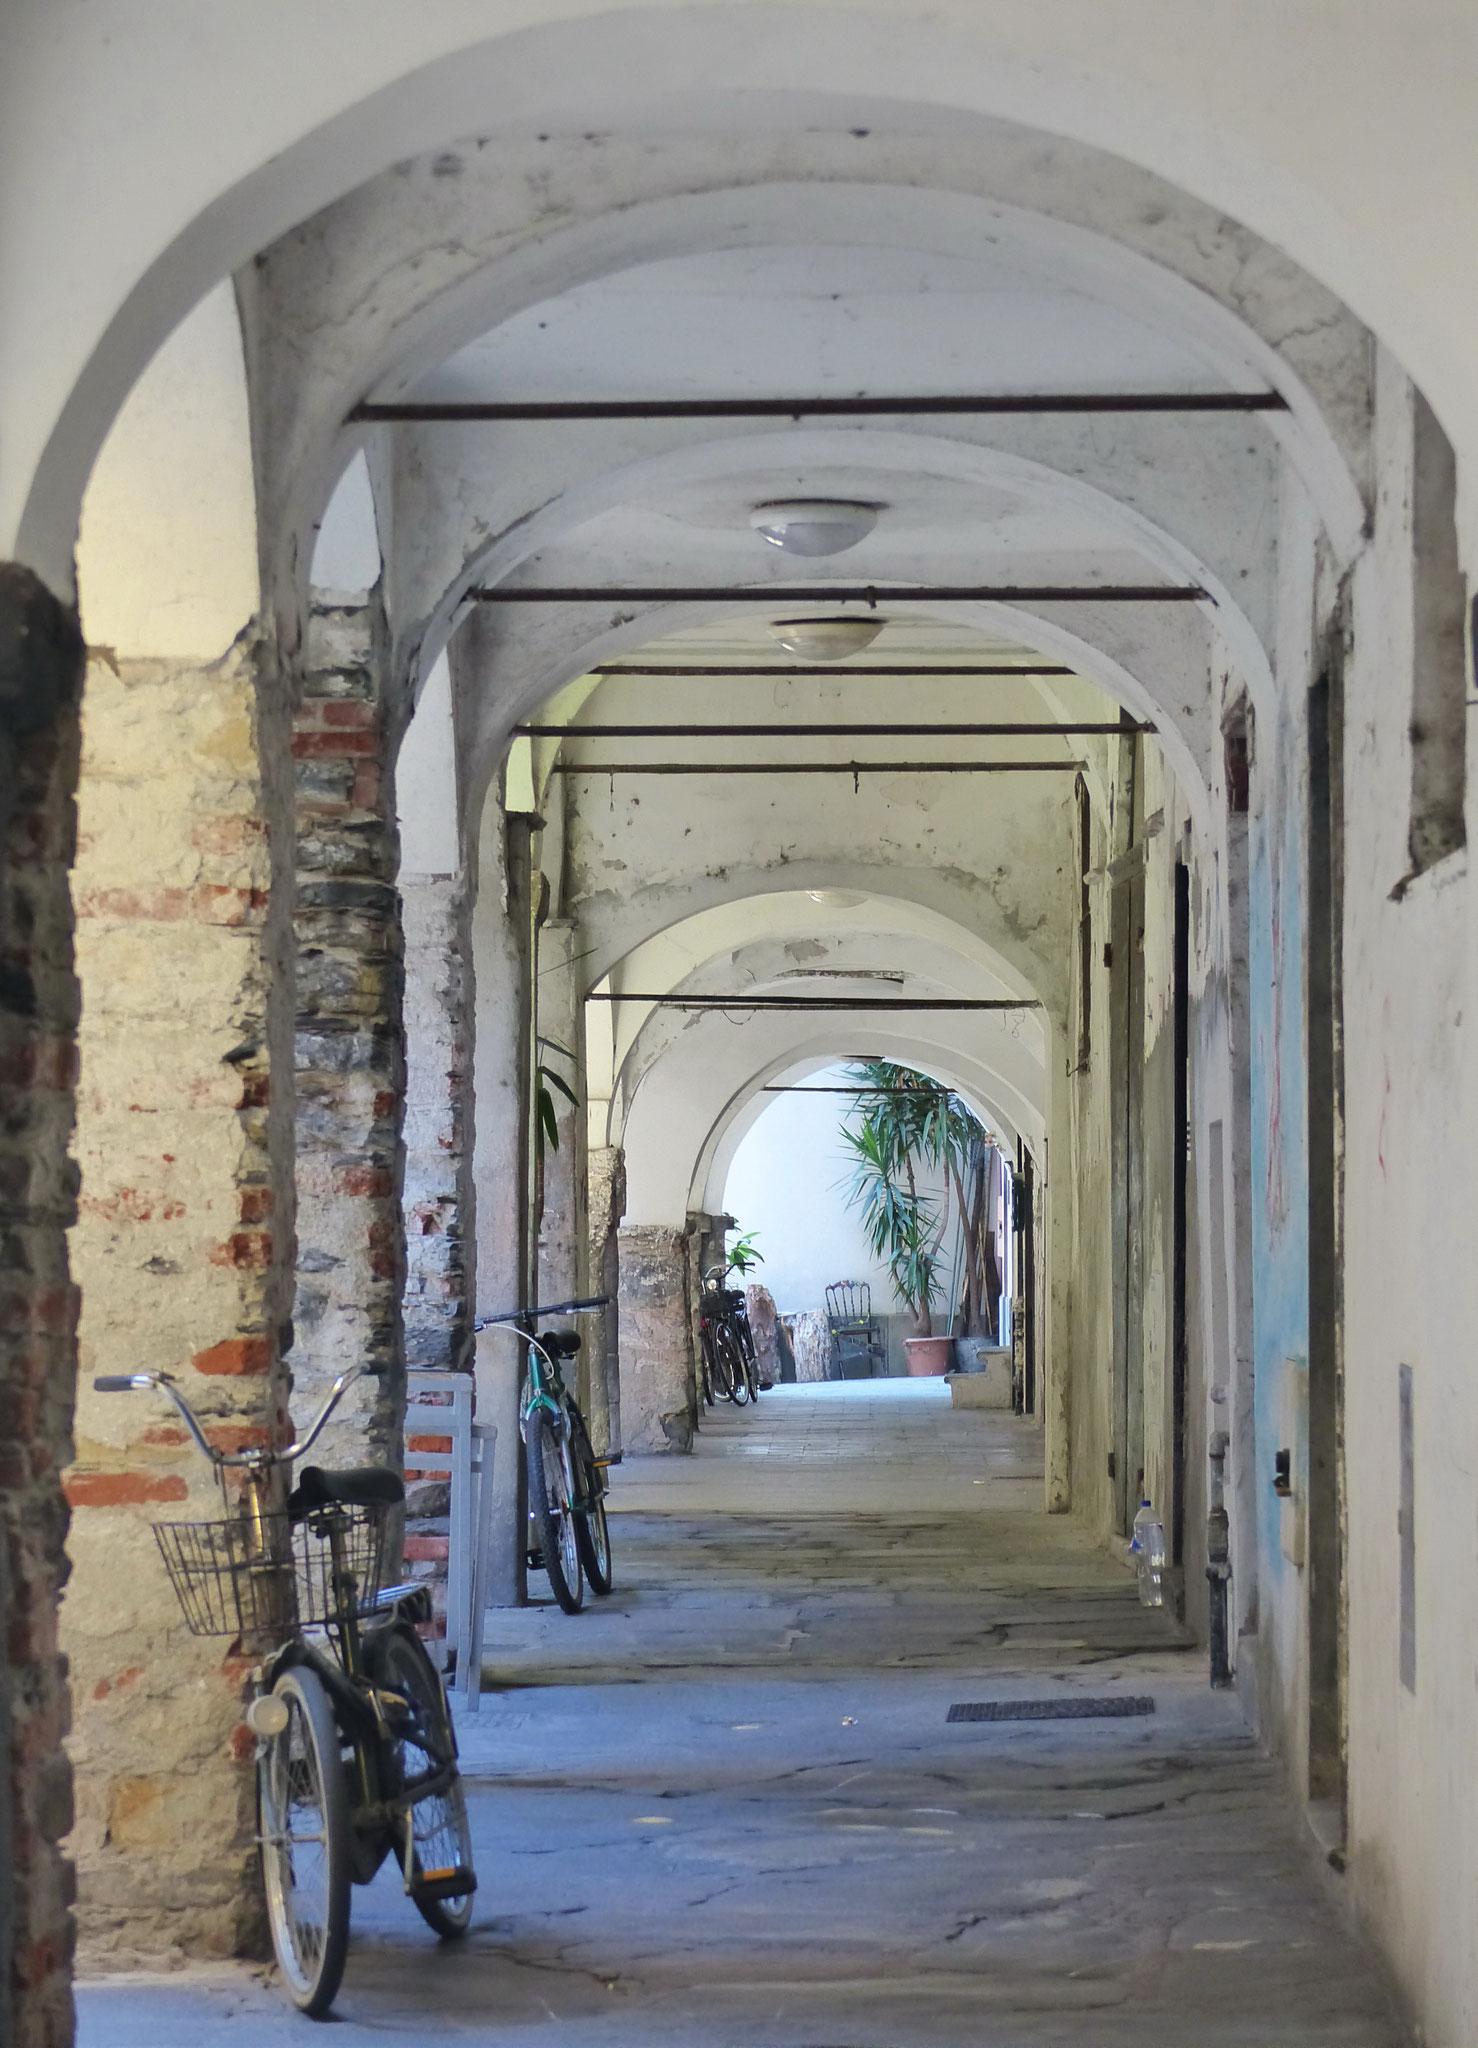 Brigitte Jainz:  Siesta der Fahrräder